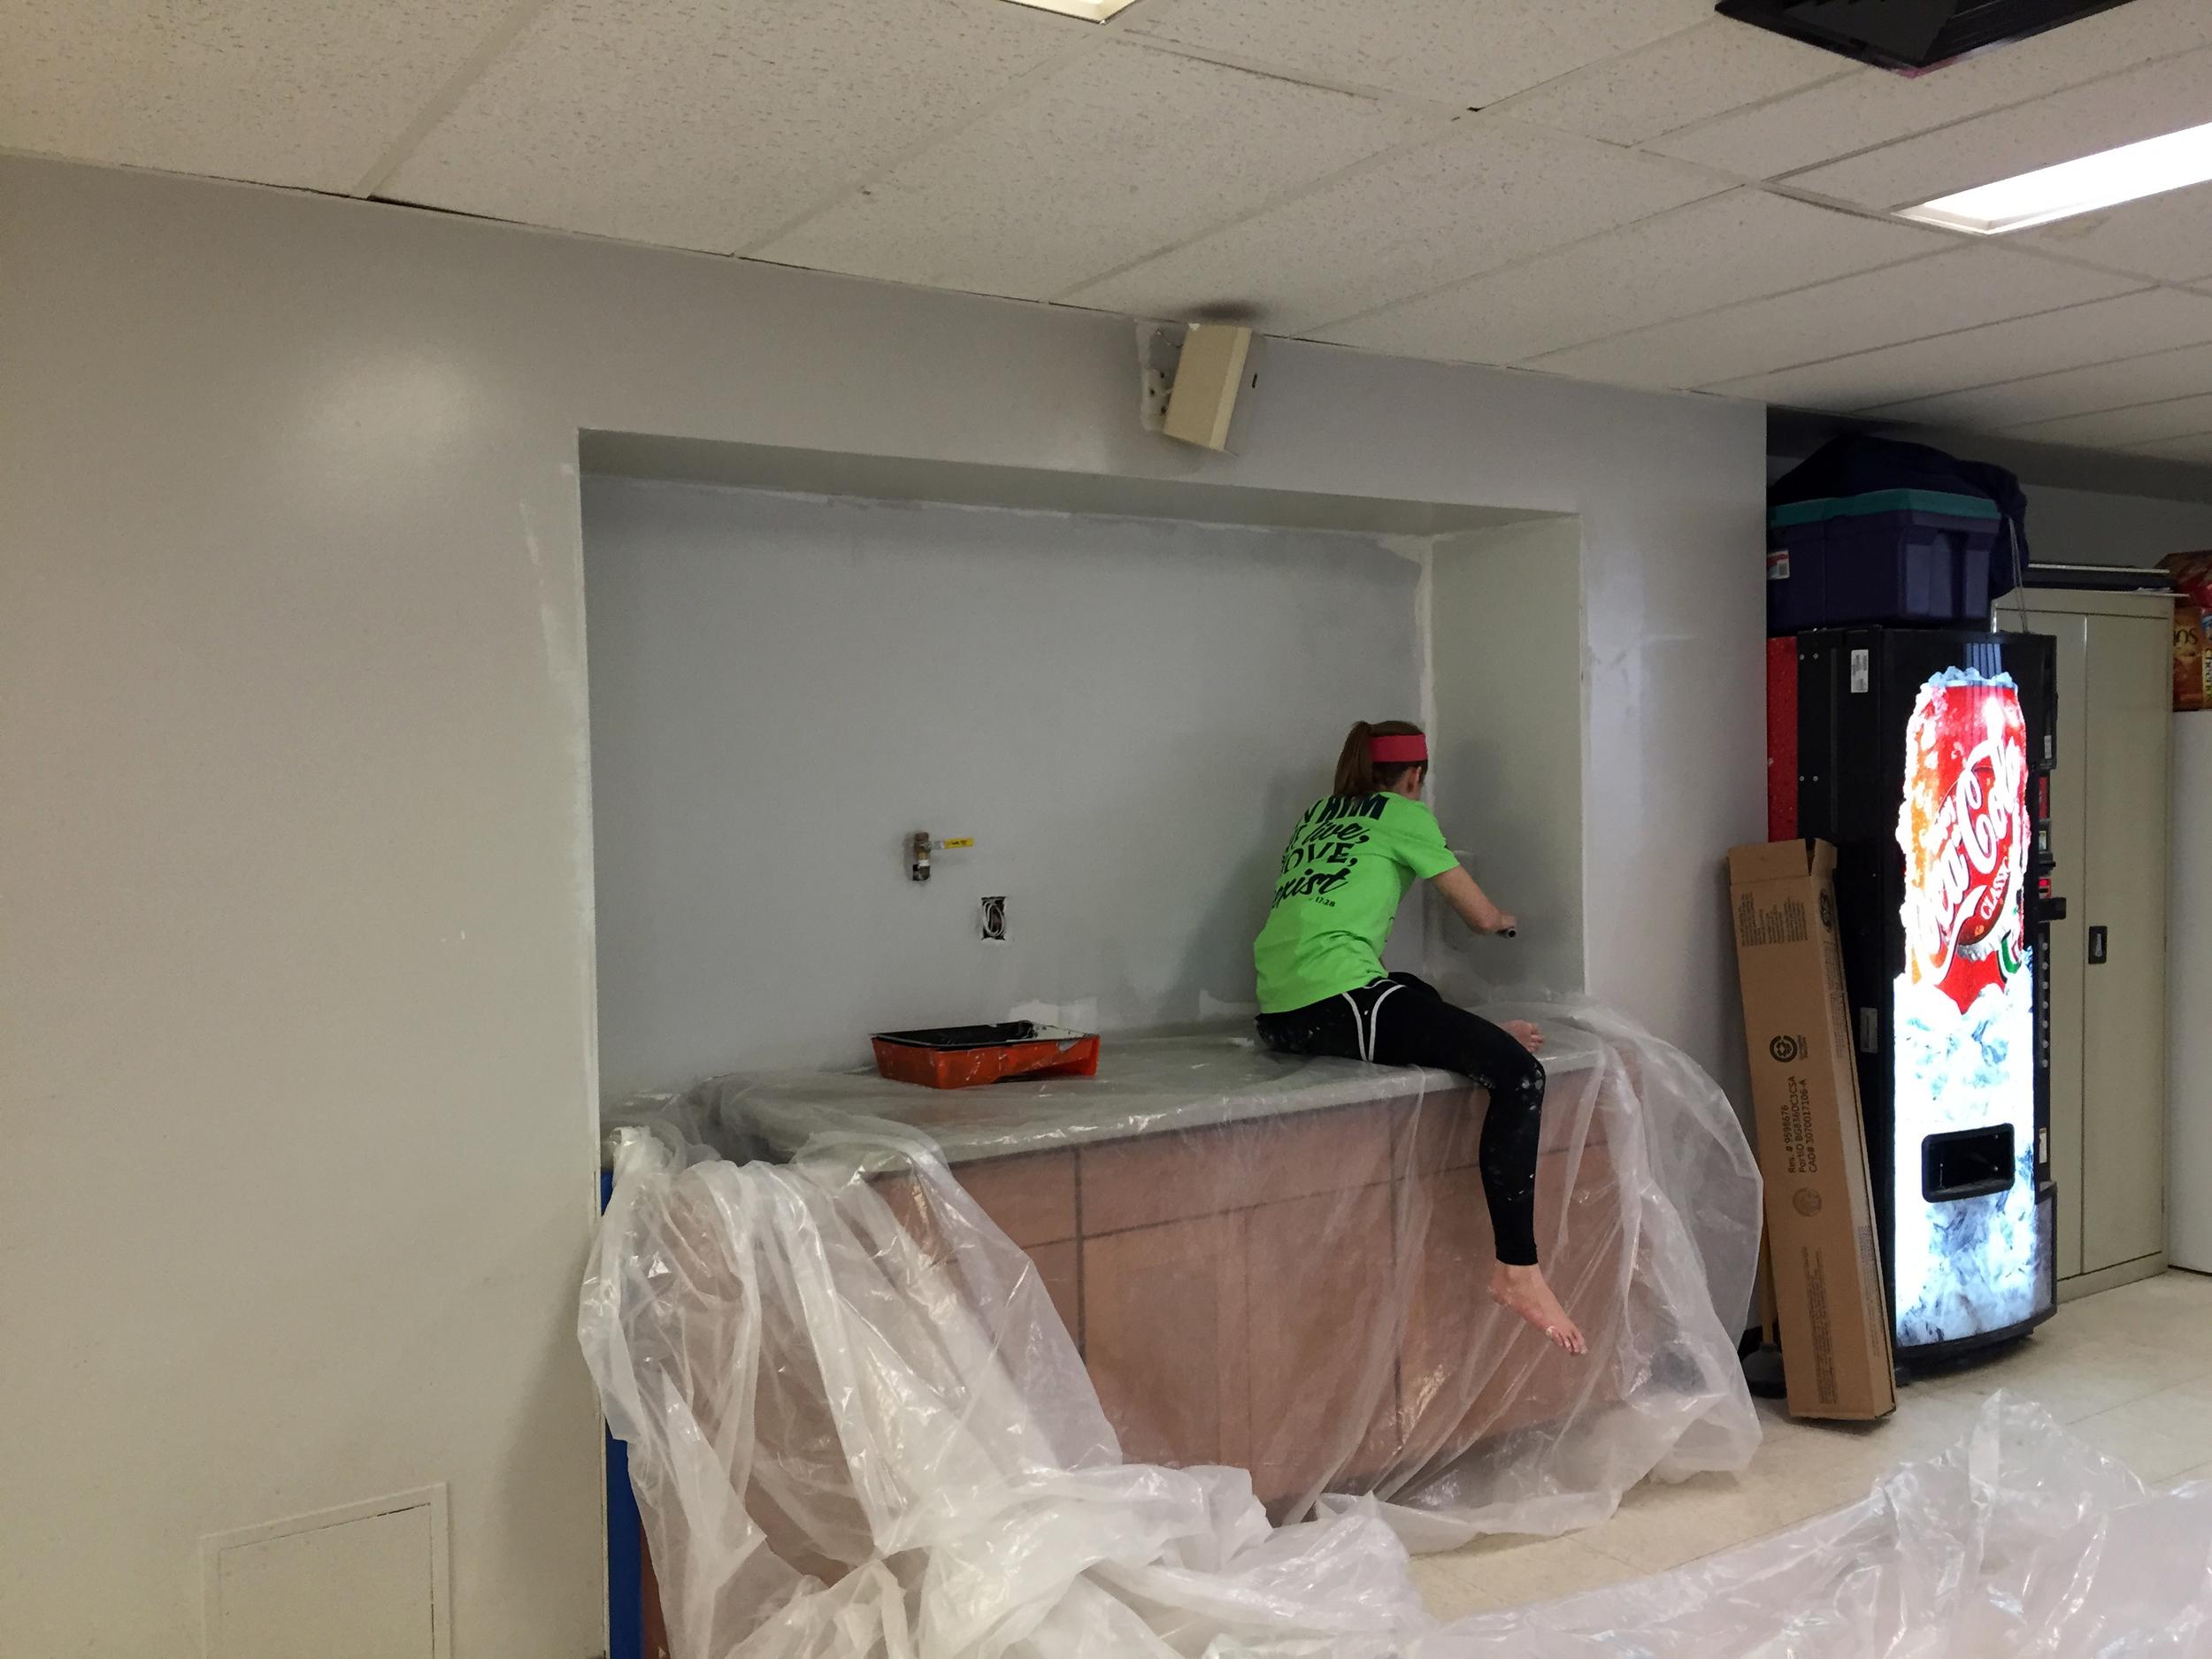 mcoc-kitchen-renovation-56.jpg